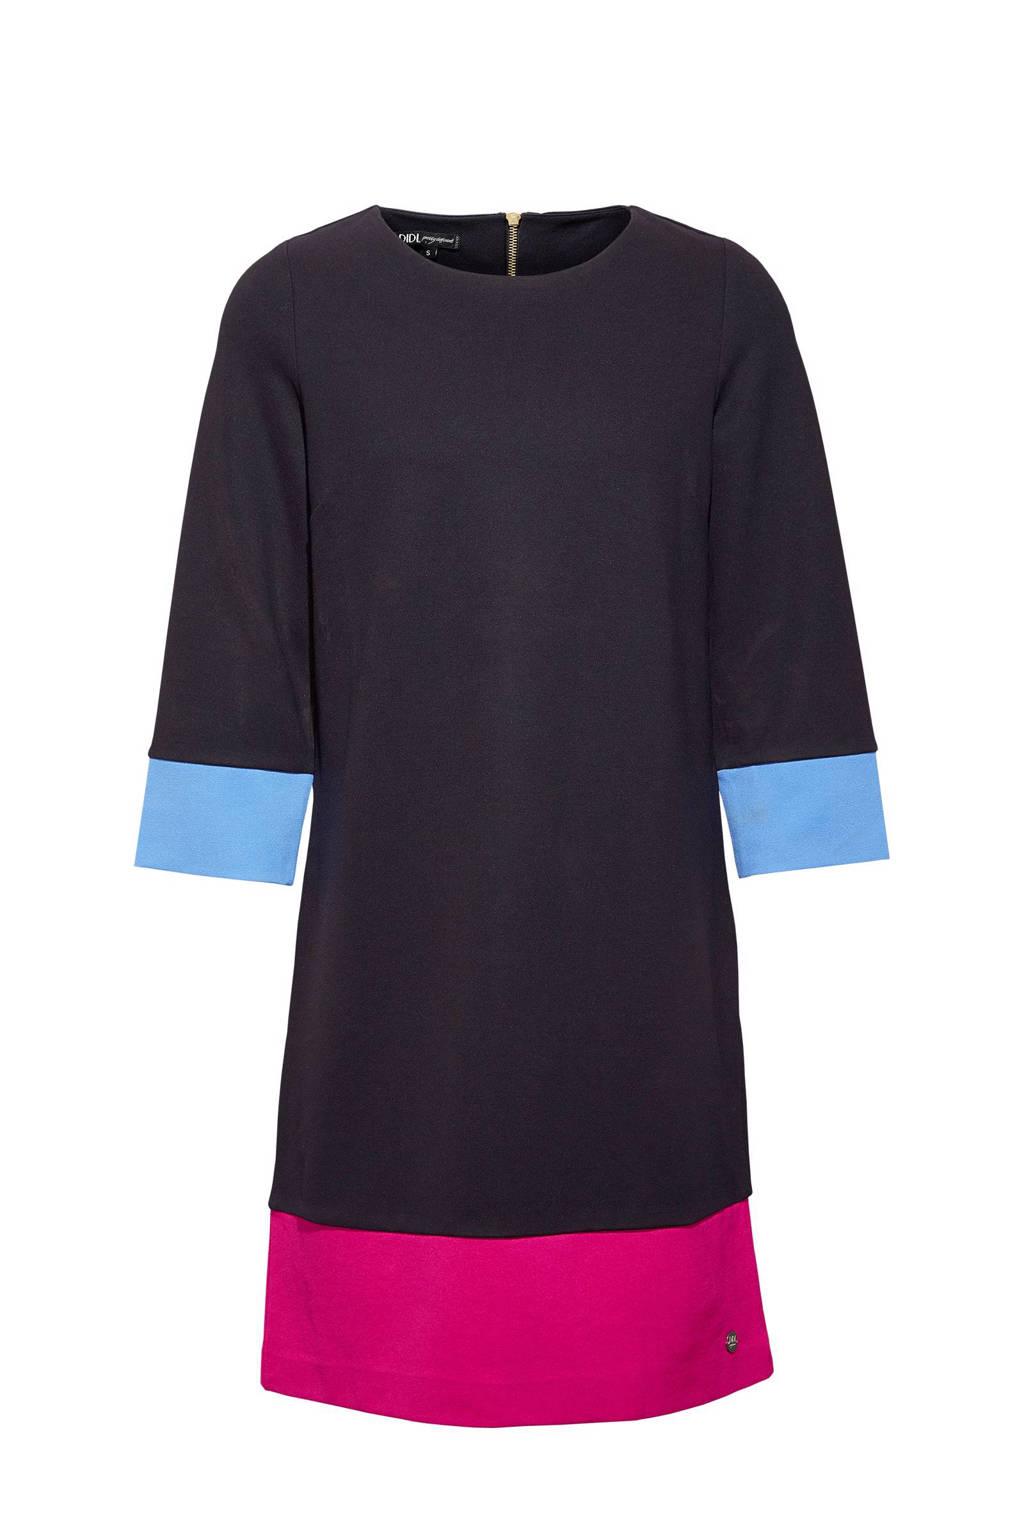 Didi jurk met contrasterende panden, Marineblauw